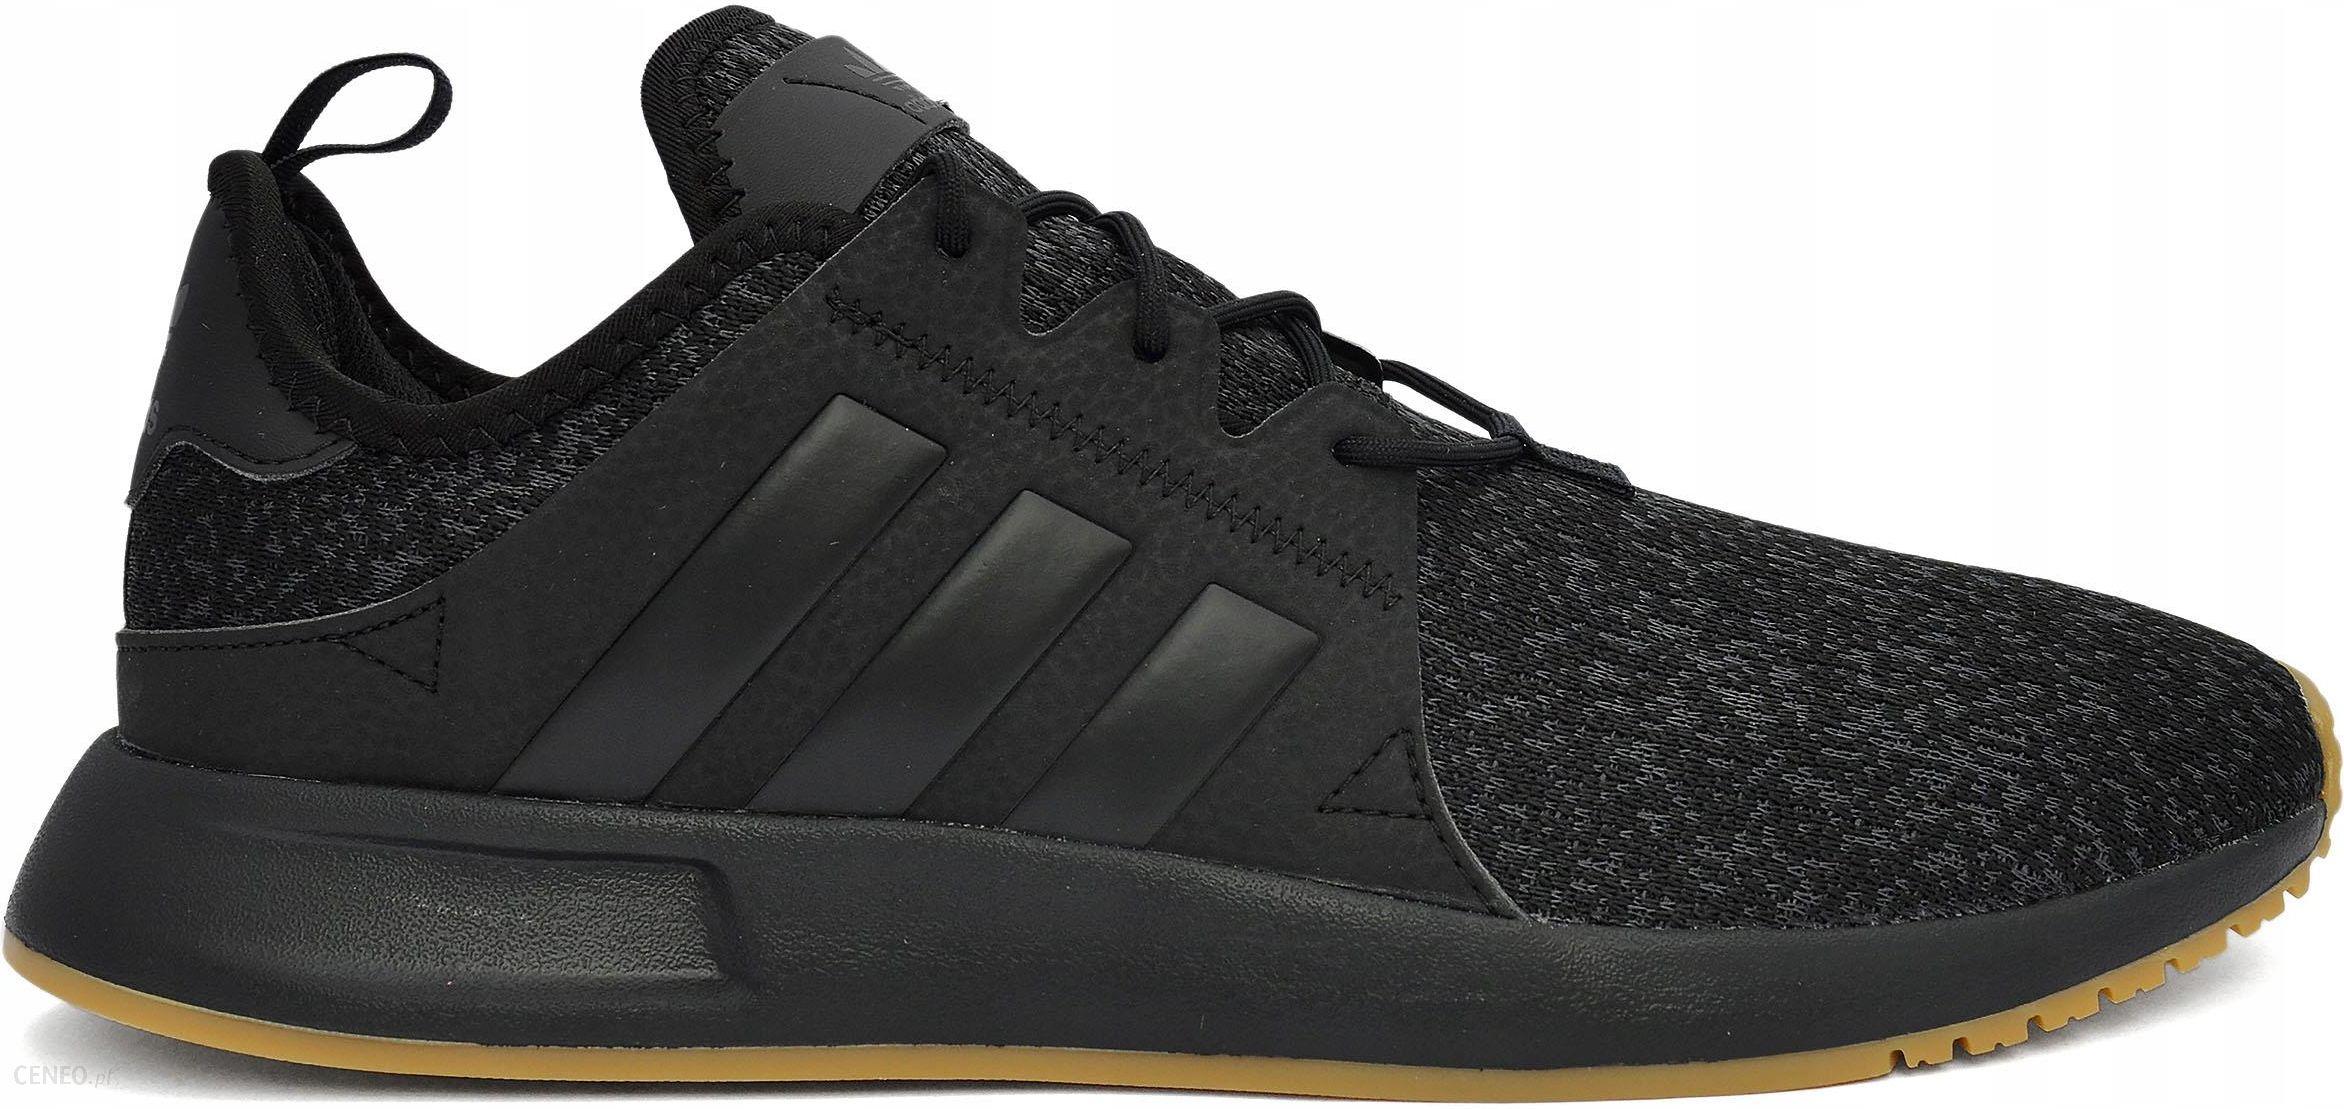 Adidas X_PLR B37438 Buty M?skie Czarne W wa Ceny i opinie Ceneo.pl